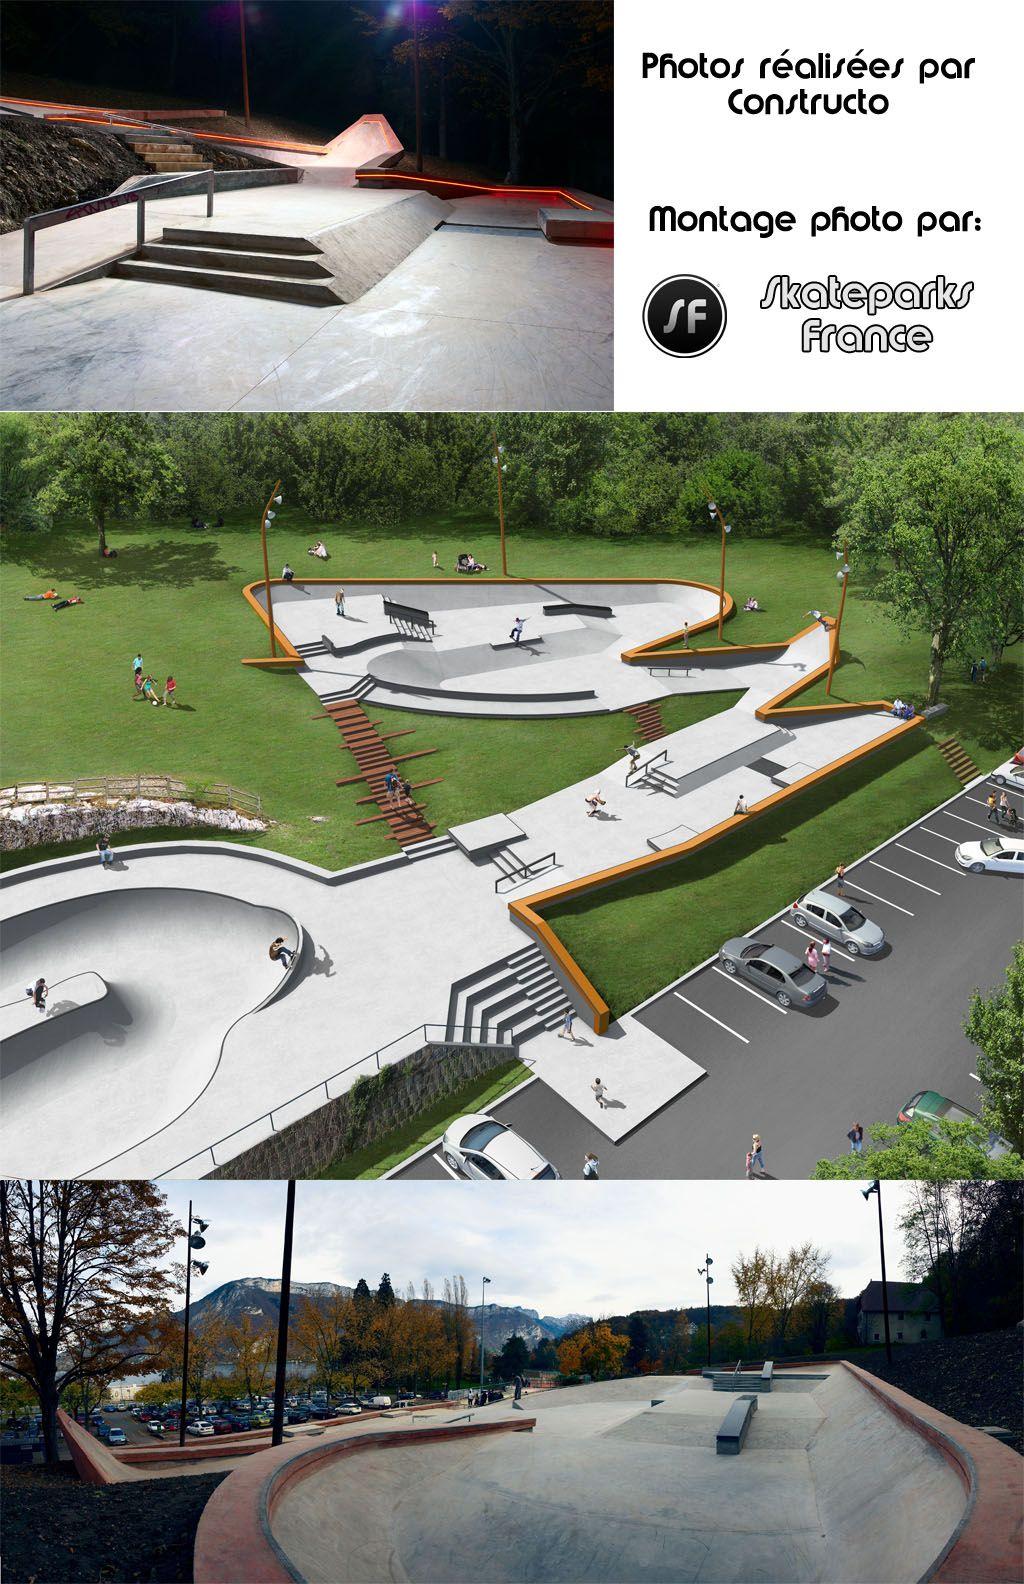 SkateparksFrance Skatepark de Annecy parques sk8 Pinterest